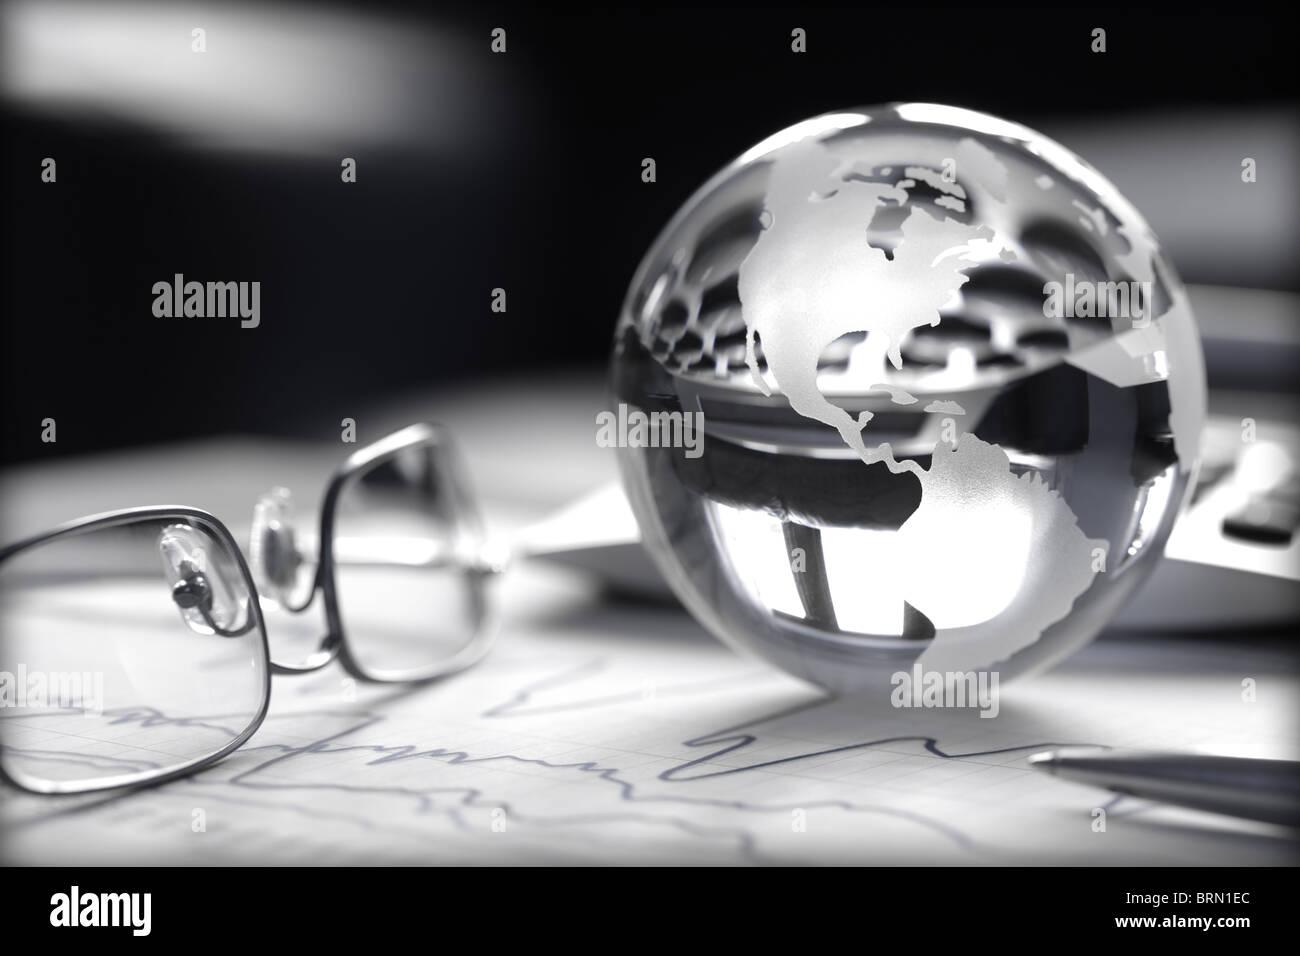 Tonica immagine del globo di vetro con grafici azionari, calcolatrice e spettacoli Immagini Stock